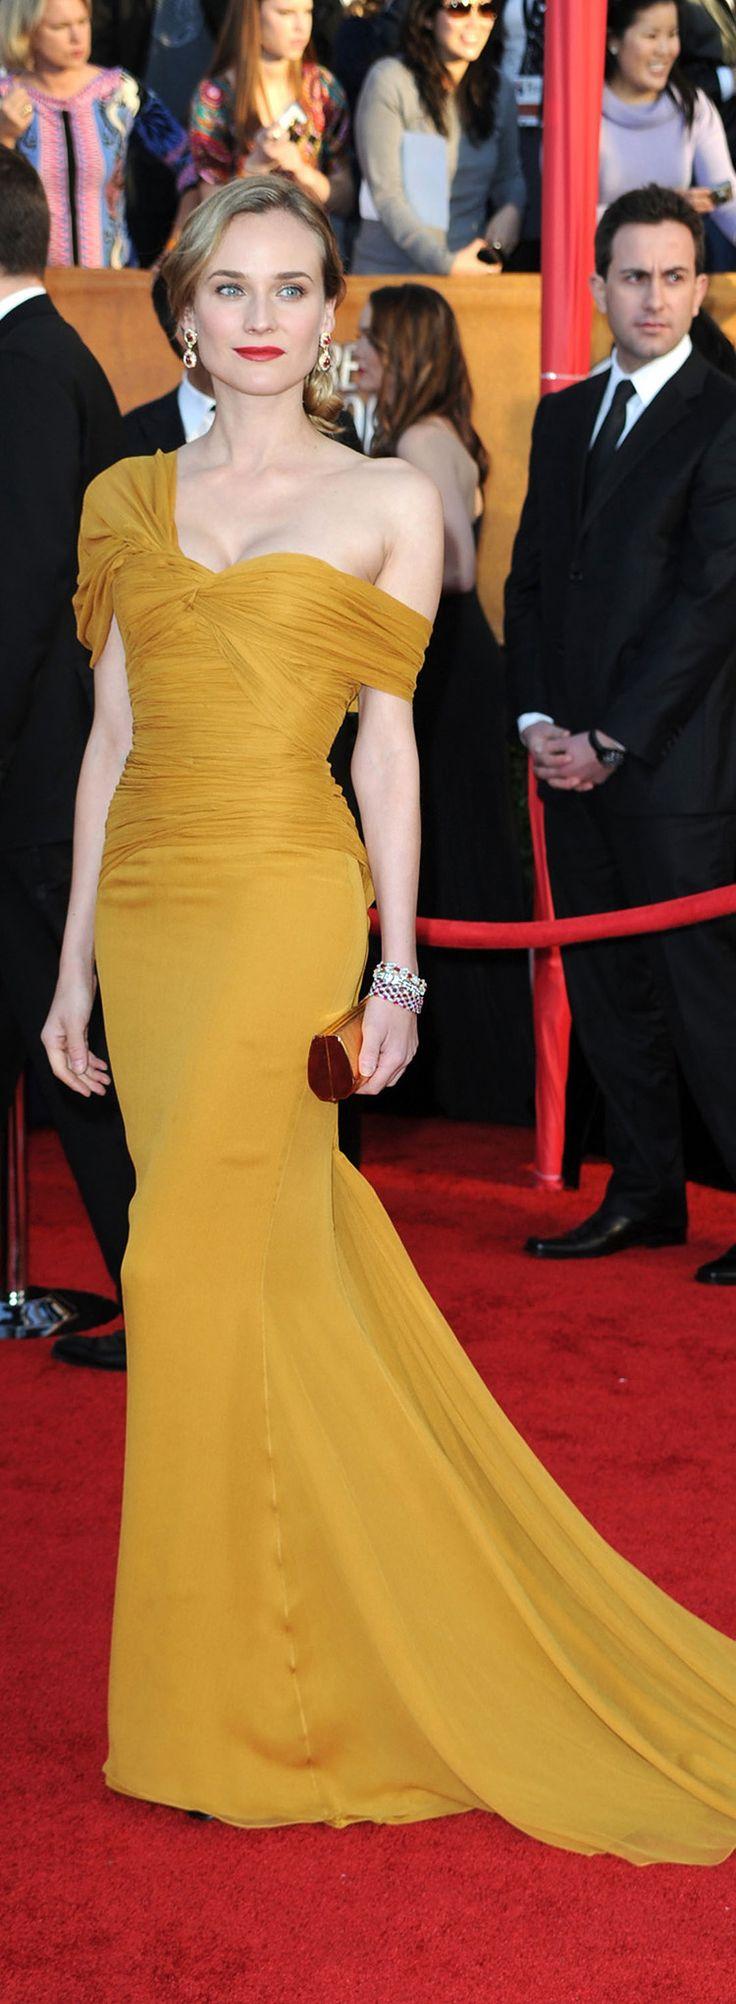 Diane Kruger in Jason Wu's dress at the 2010 SAG Awards